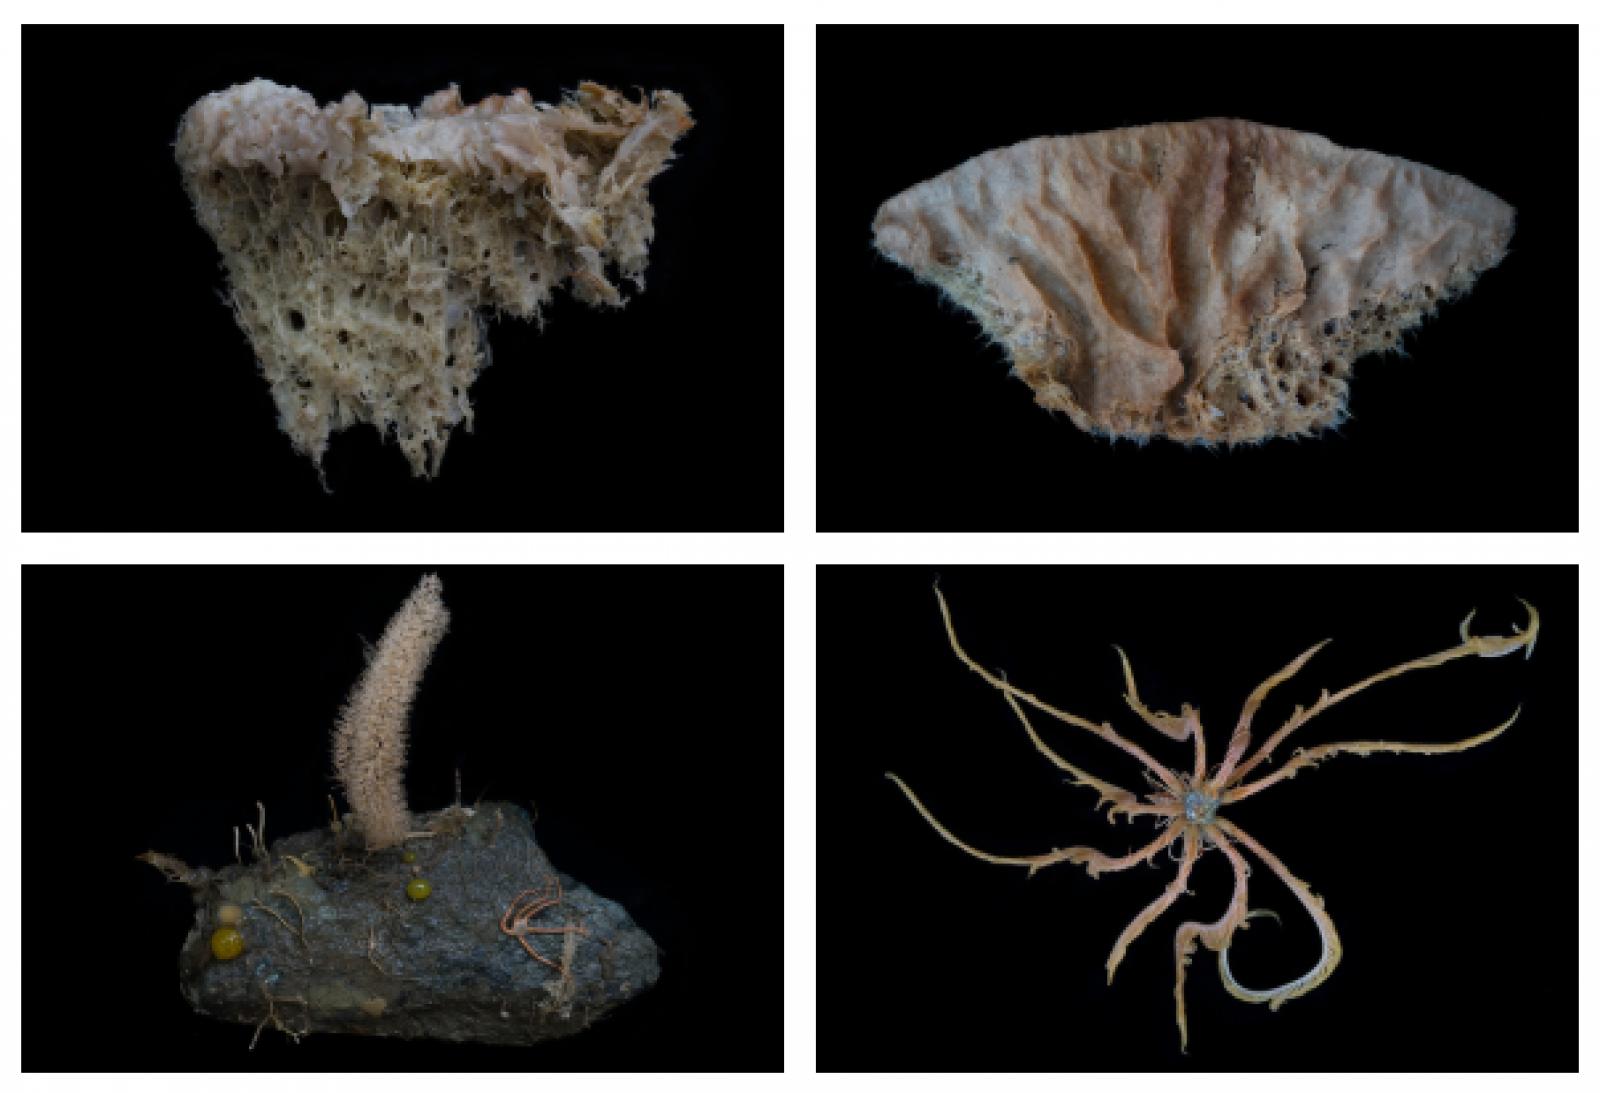 Algunes de les espècies trobades per Greenpeace al fons de l'Antàrtic